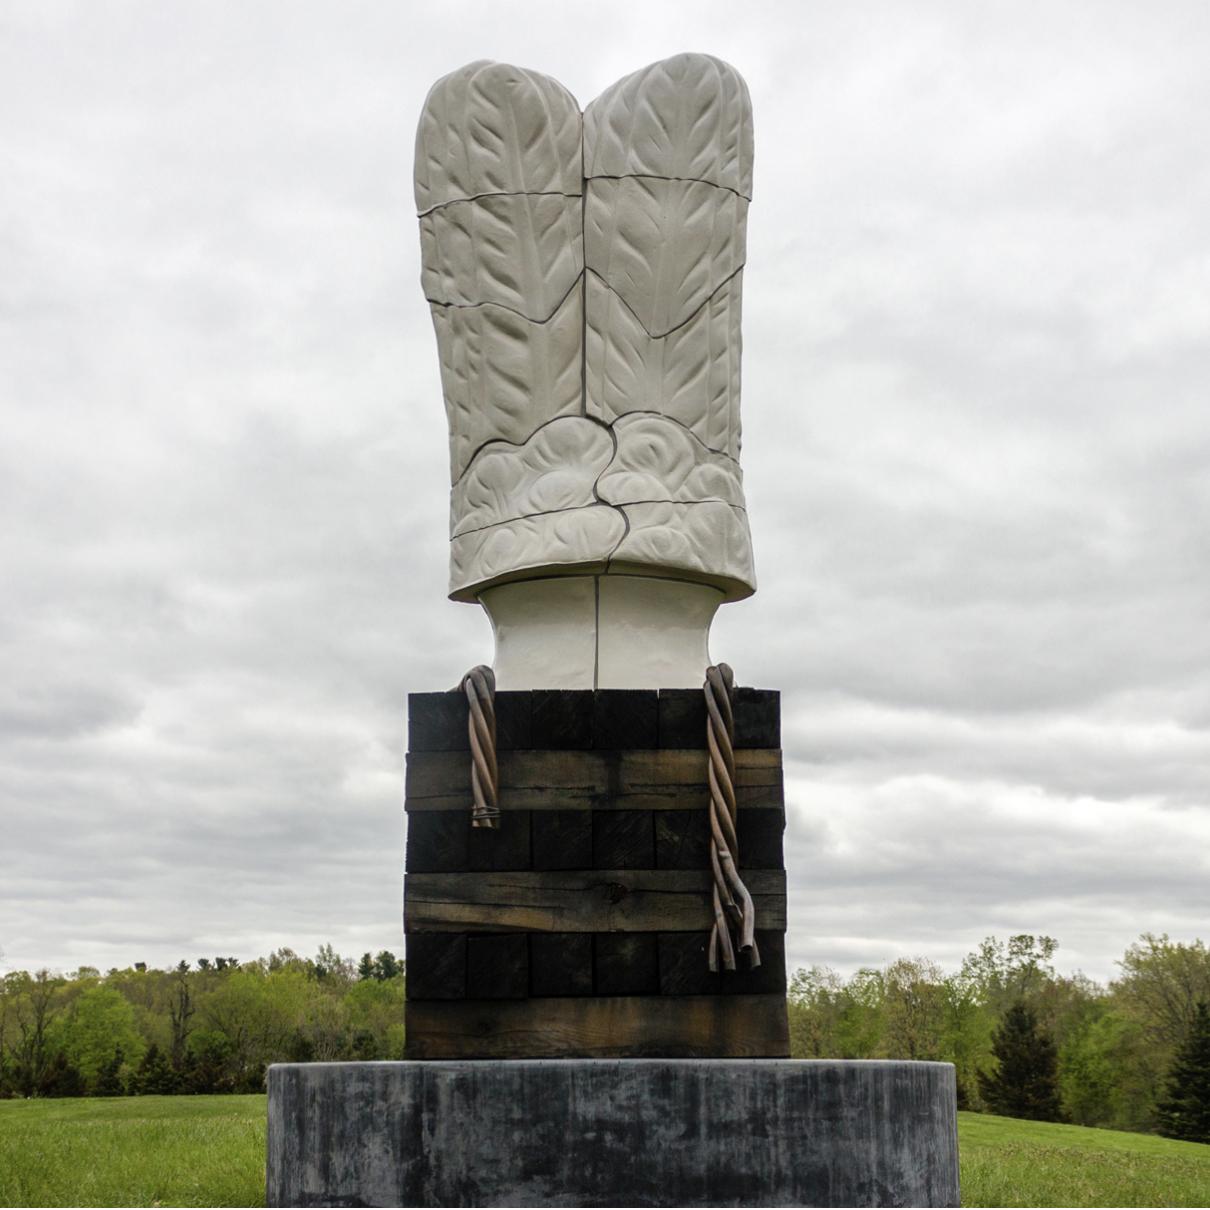 Art Omi: The Fields Sculpture Park